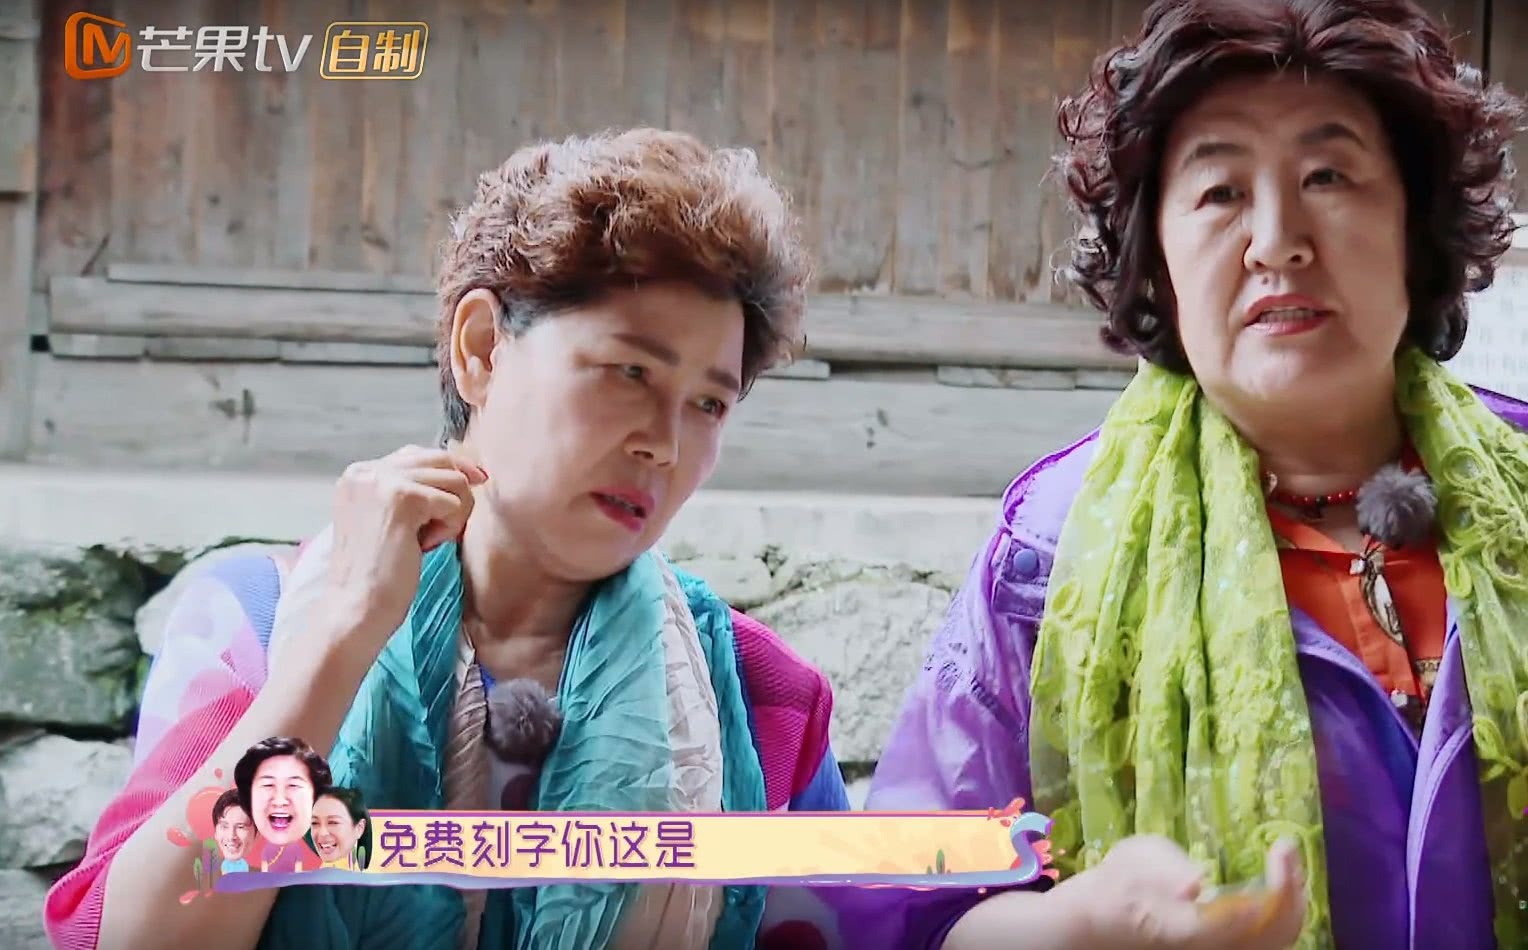 张伦硕妈妈送钟丽缇一把梳子,当镜头拍到刻字的那一刻,网友羡慕